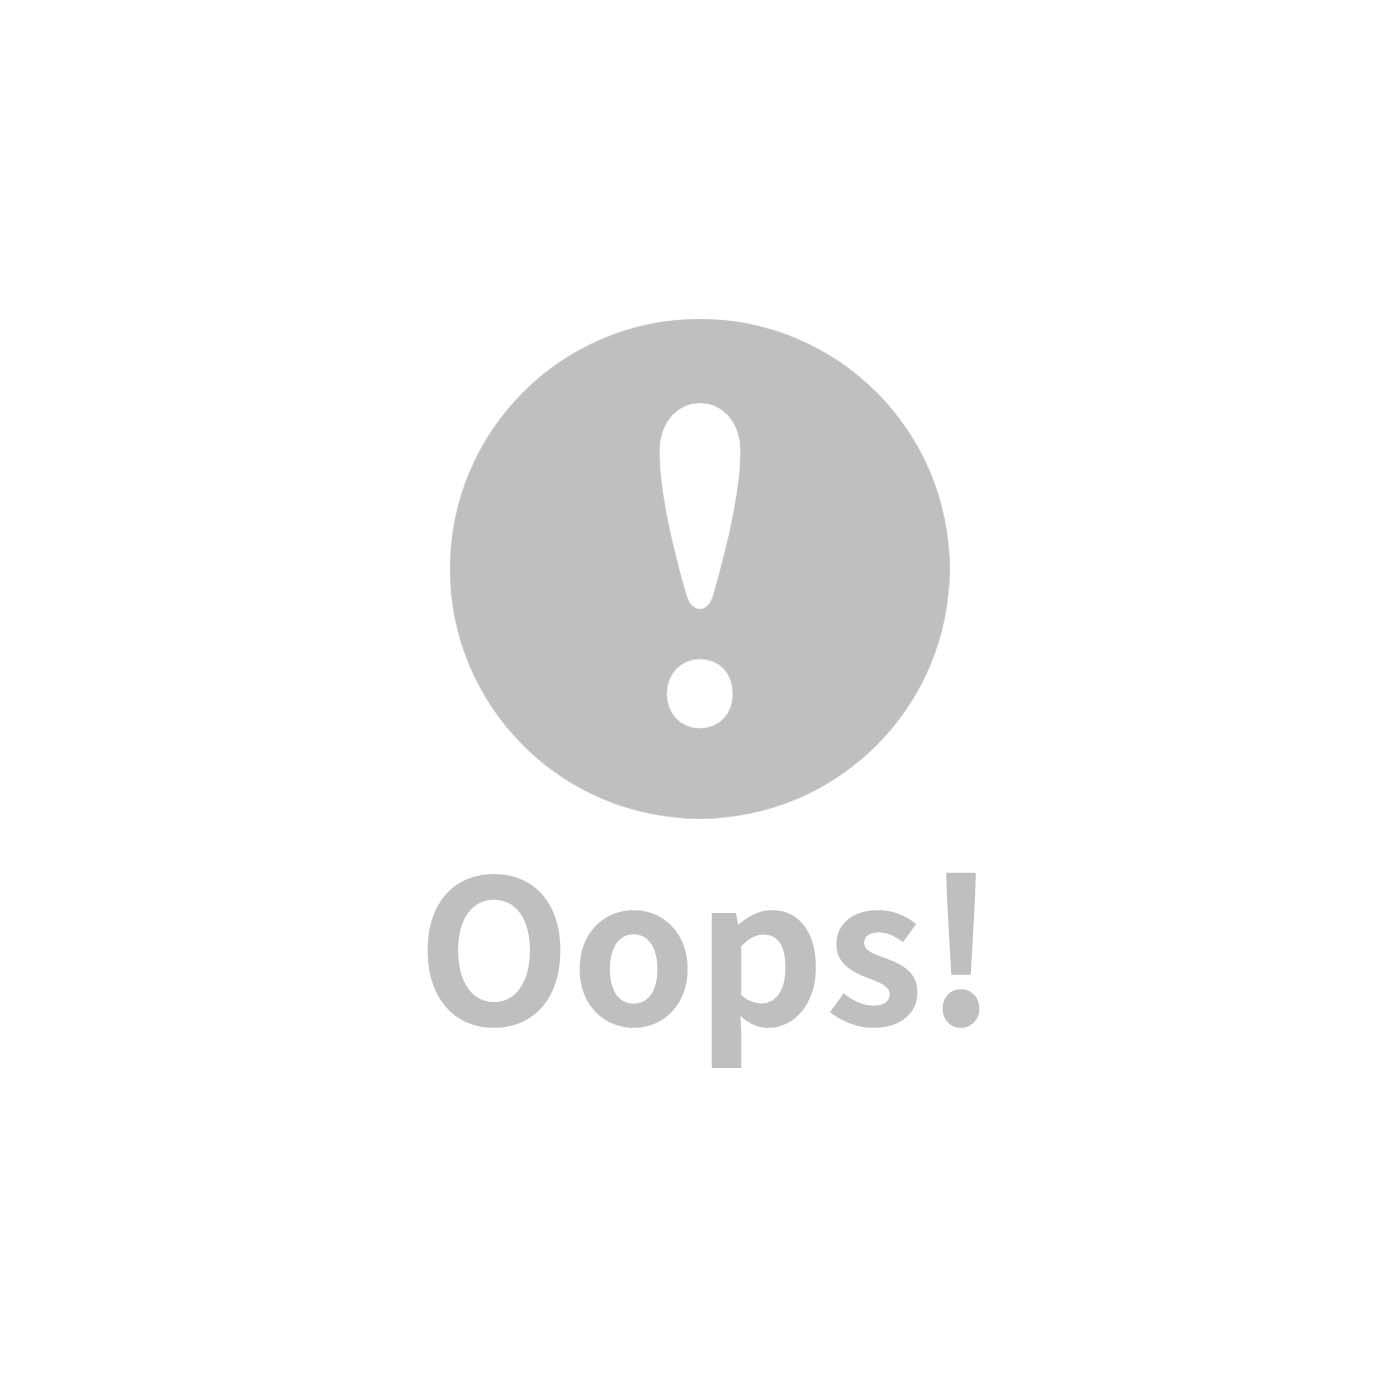 與楊千霈女兒娃寶同款-La Millou 包巾-竹纖涼感巾/新生嬰兒幼童包巾/哺乳巾推車蓋毯